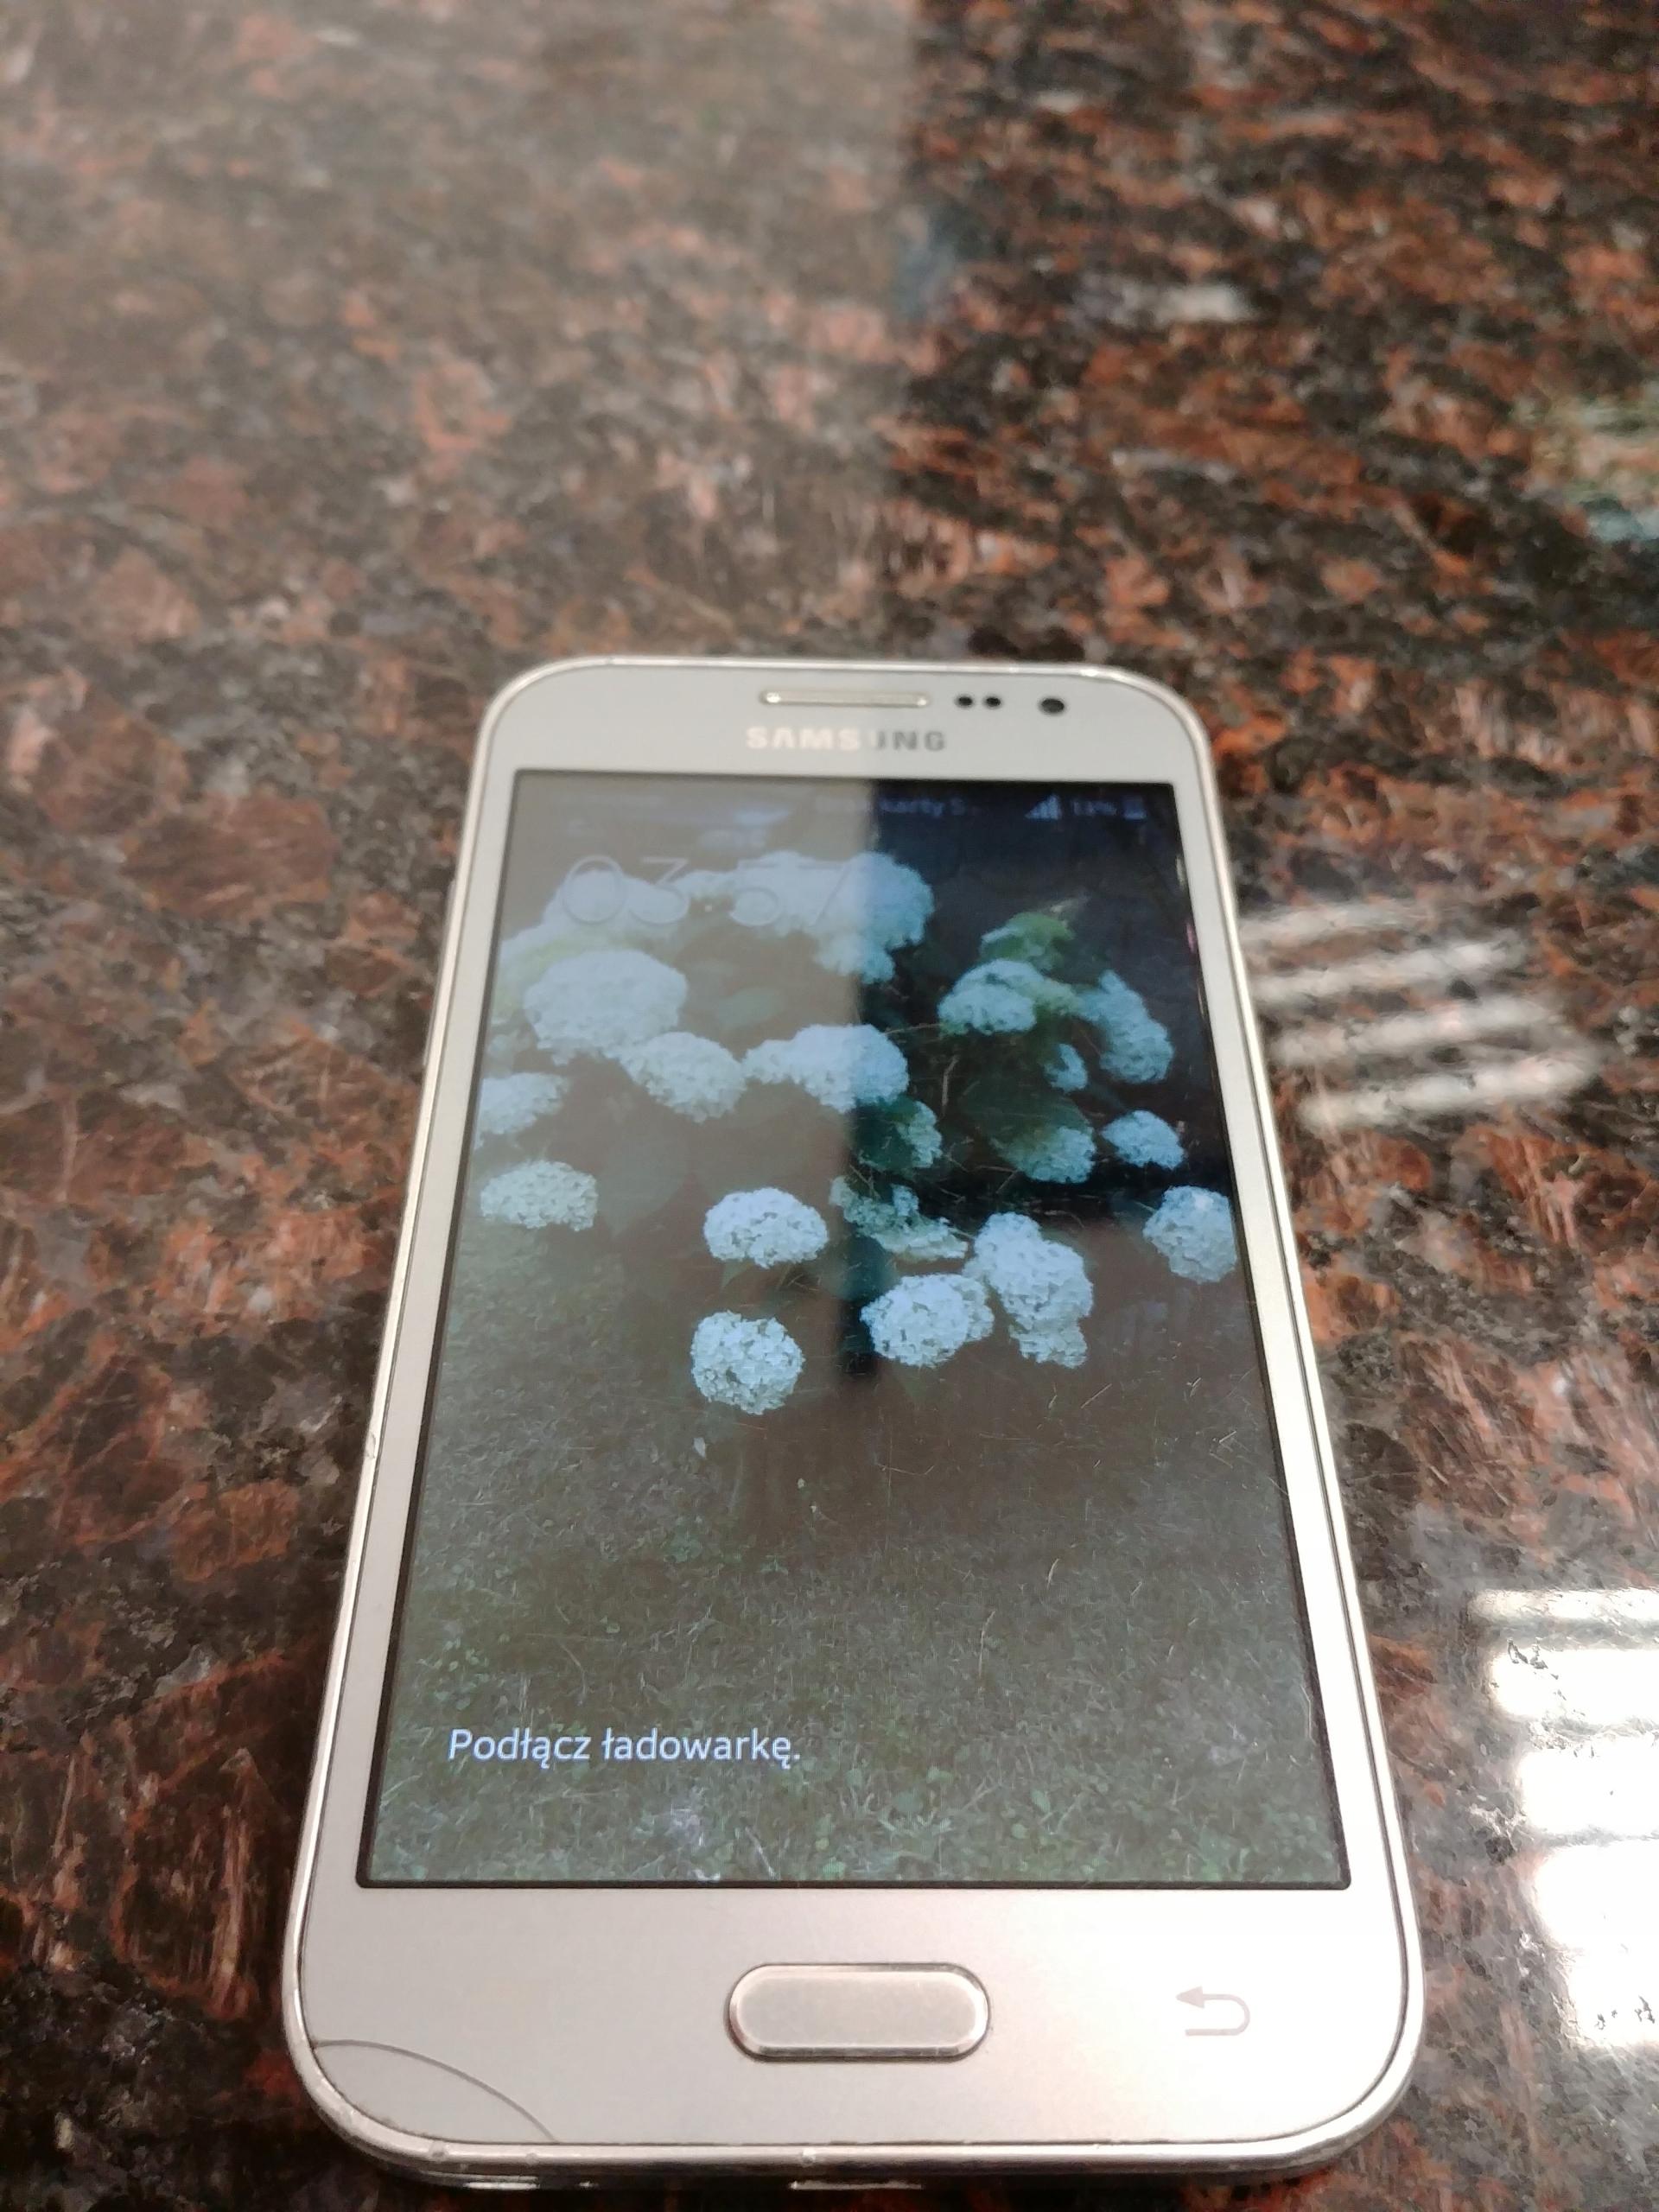 SMARTFON Samsung galaxy core prime sm-g361f